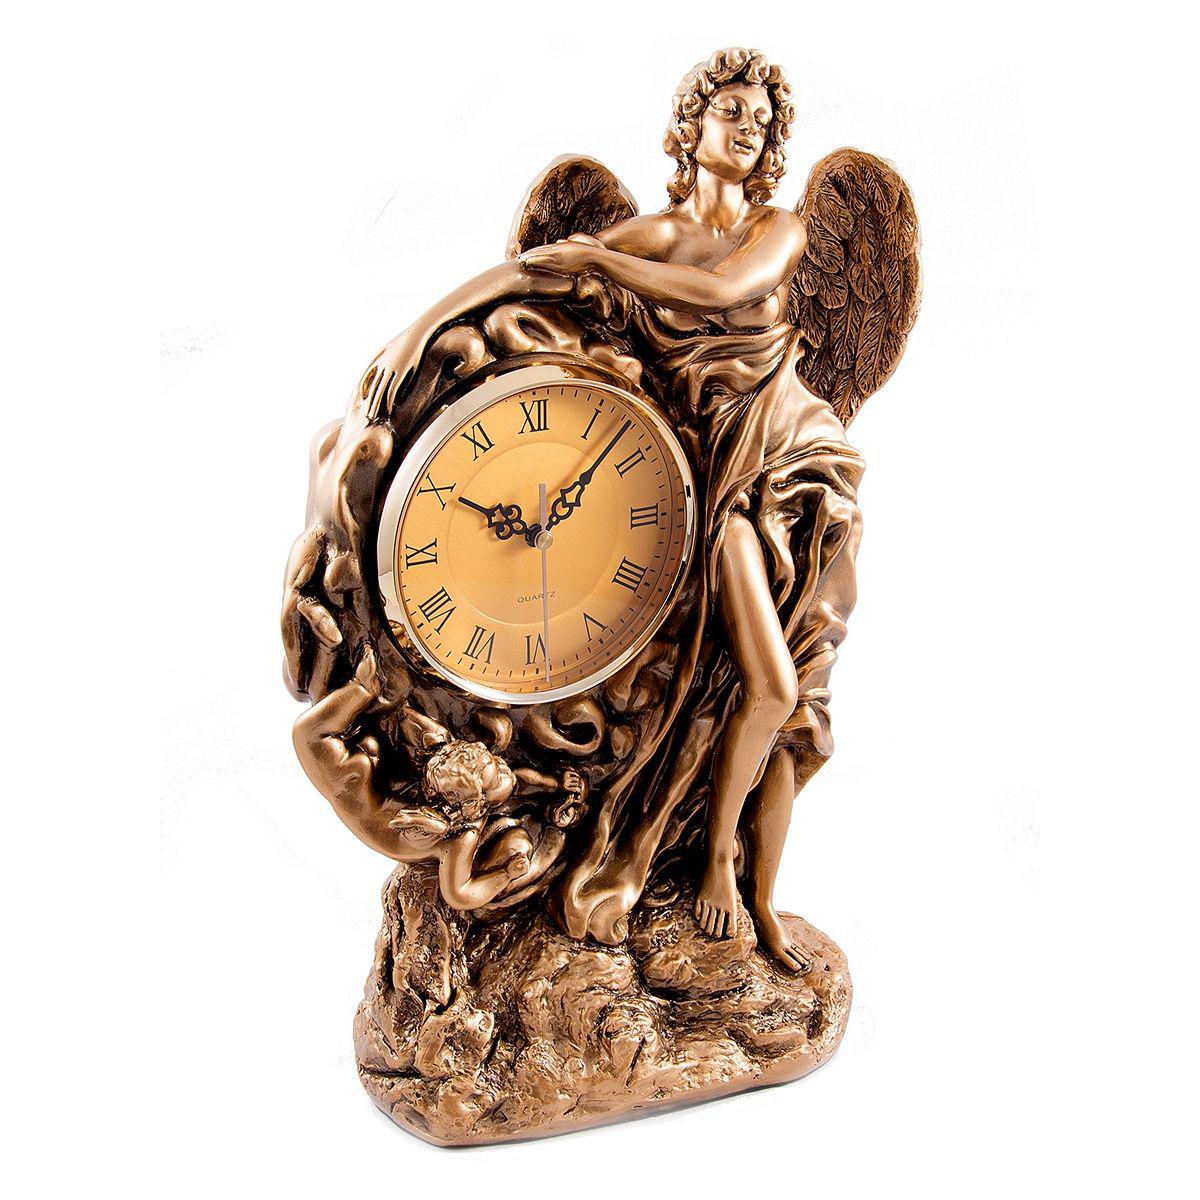 Часы настольные Русские Подарки Ангел, 32 х 16 х 48 см. 5937159371Настольные кварцевые часы Русские Подарки Ангел изготовлены из полистоуна, циферблат защищен стеклом. Часы имеют три стрелки - часовую, минутную и секундную. Изящные часы красиво и оригинально оформят интерьер дома или рабочий стол в офисе. Также часы могут стать уникальным, полезным подарком для родственников, коллег, знакомых и близких. Часы работают от батареек типа АА (в комплект не входят).